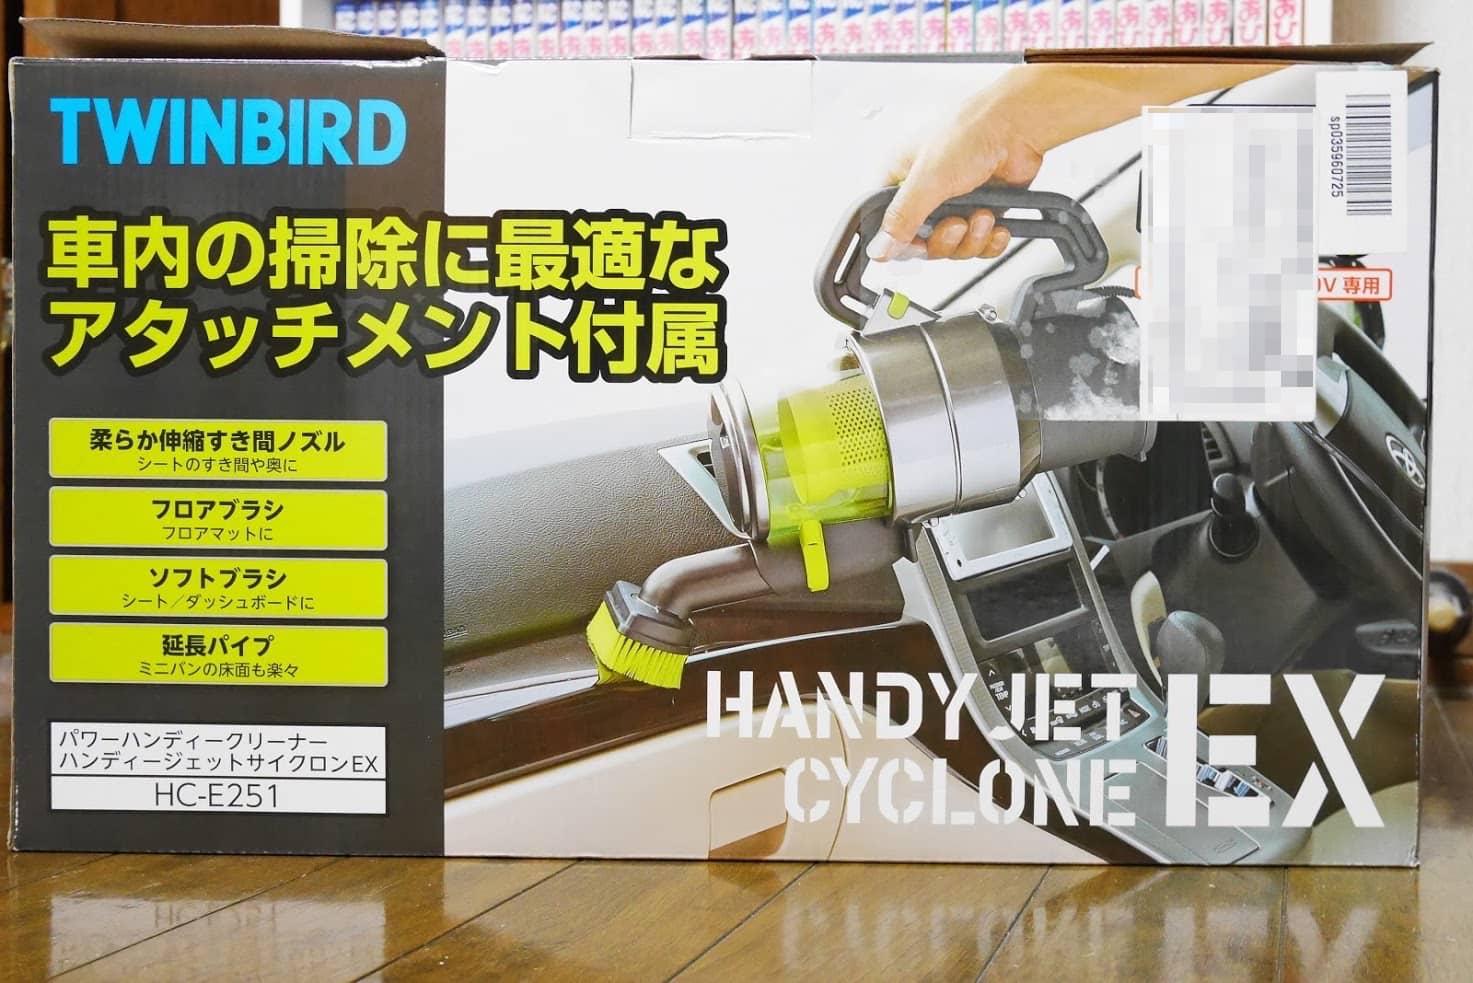 ツインバード ハンディージェットサイクロンEX HC-E251 パッケージ